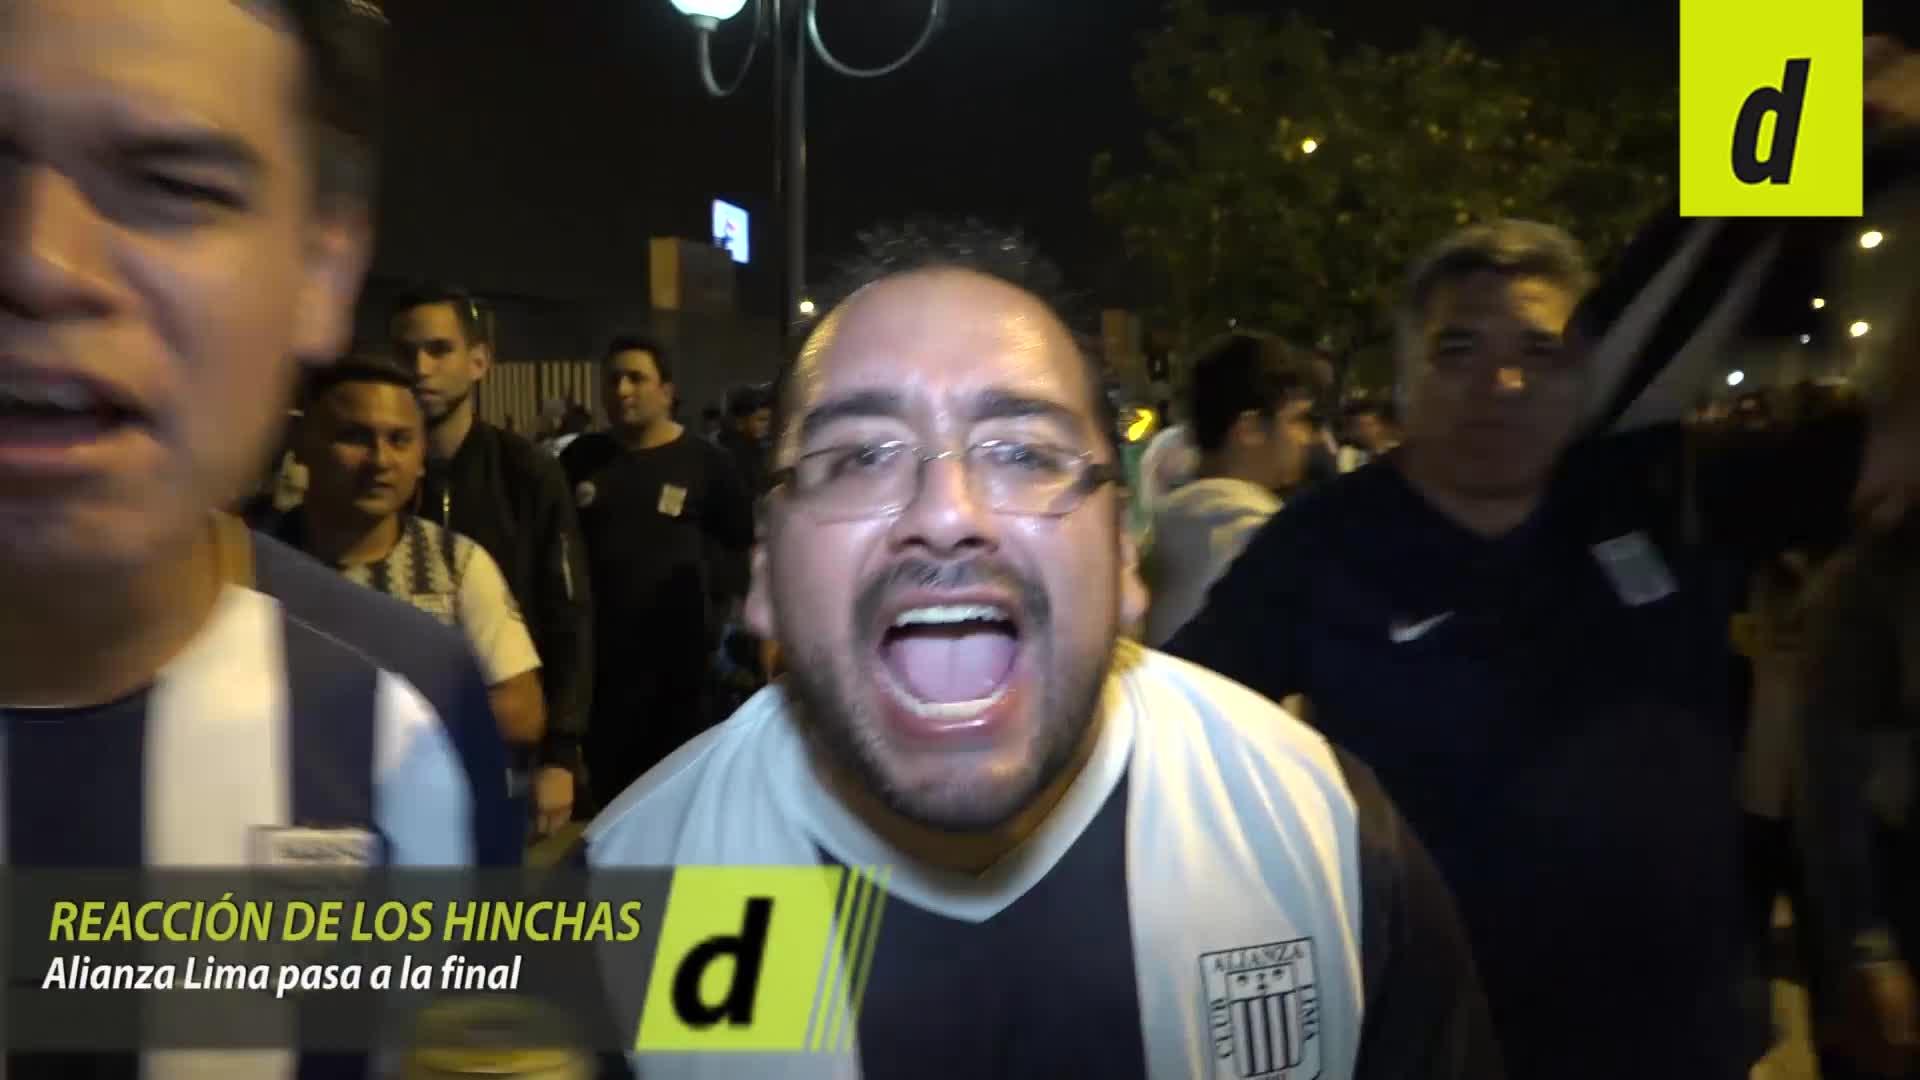 Así fue la reacción de los hinchas de Alianza Lima tras su pase a la final de la Liga 1